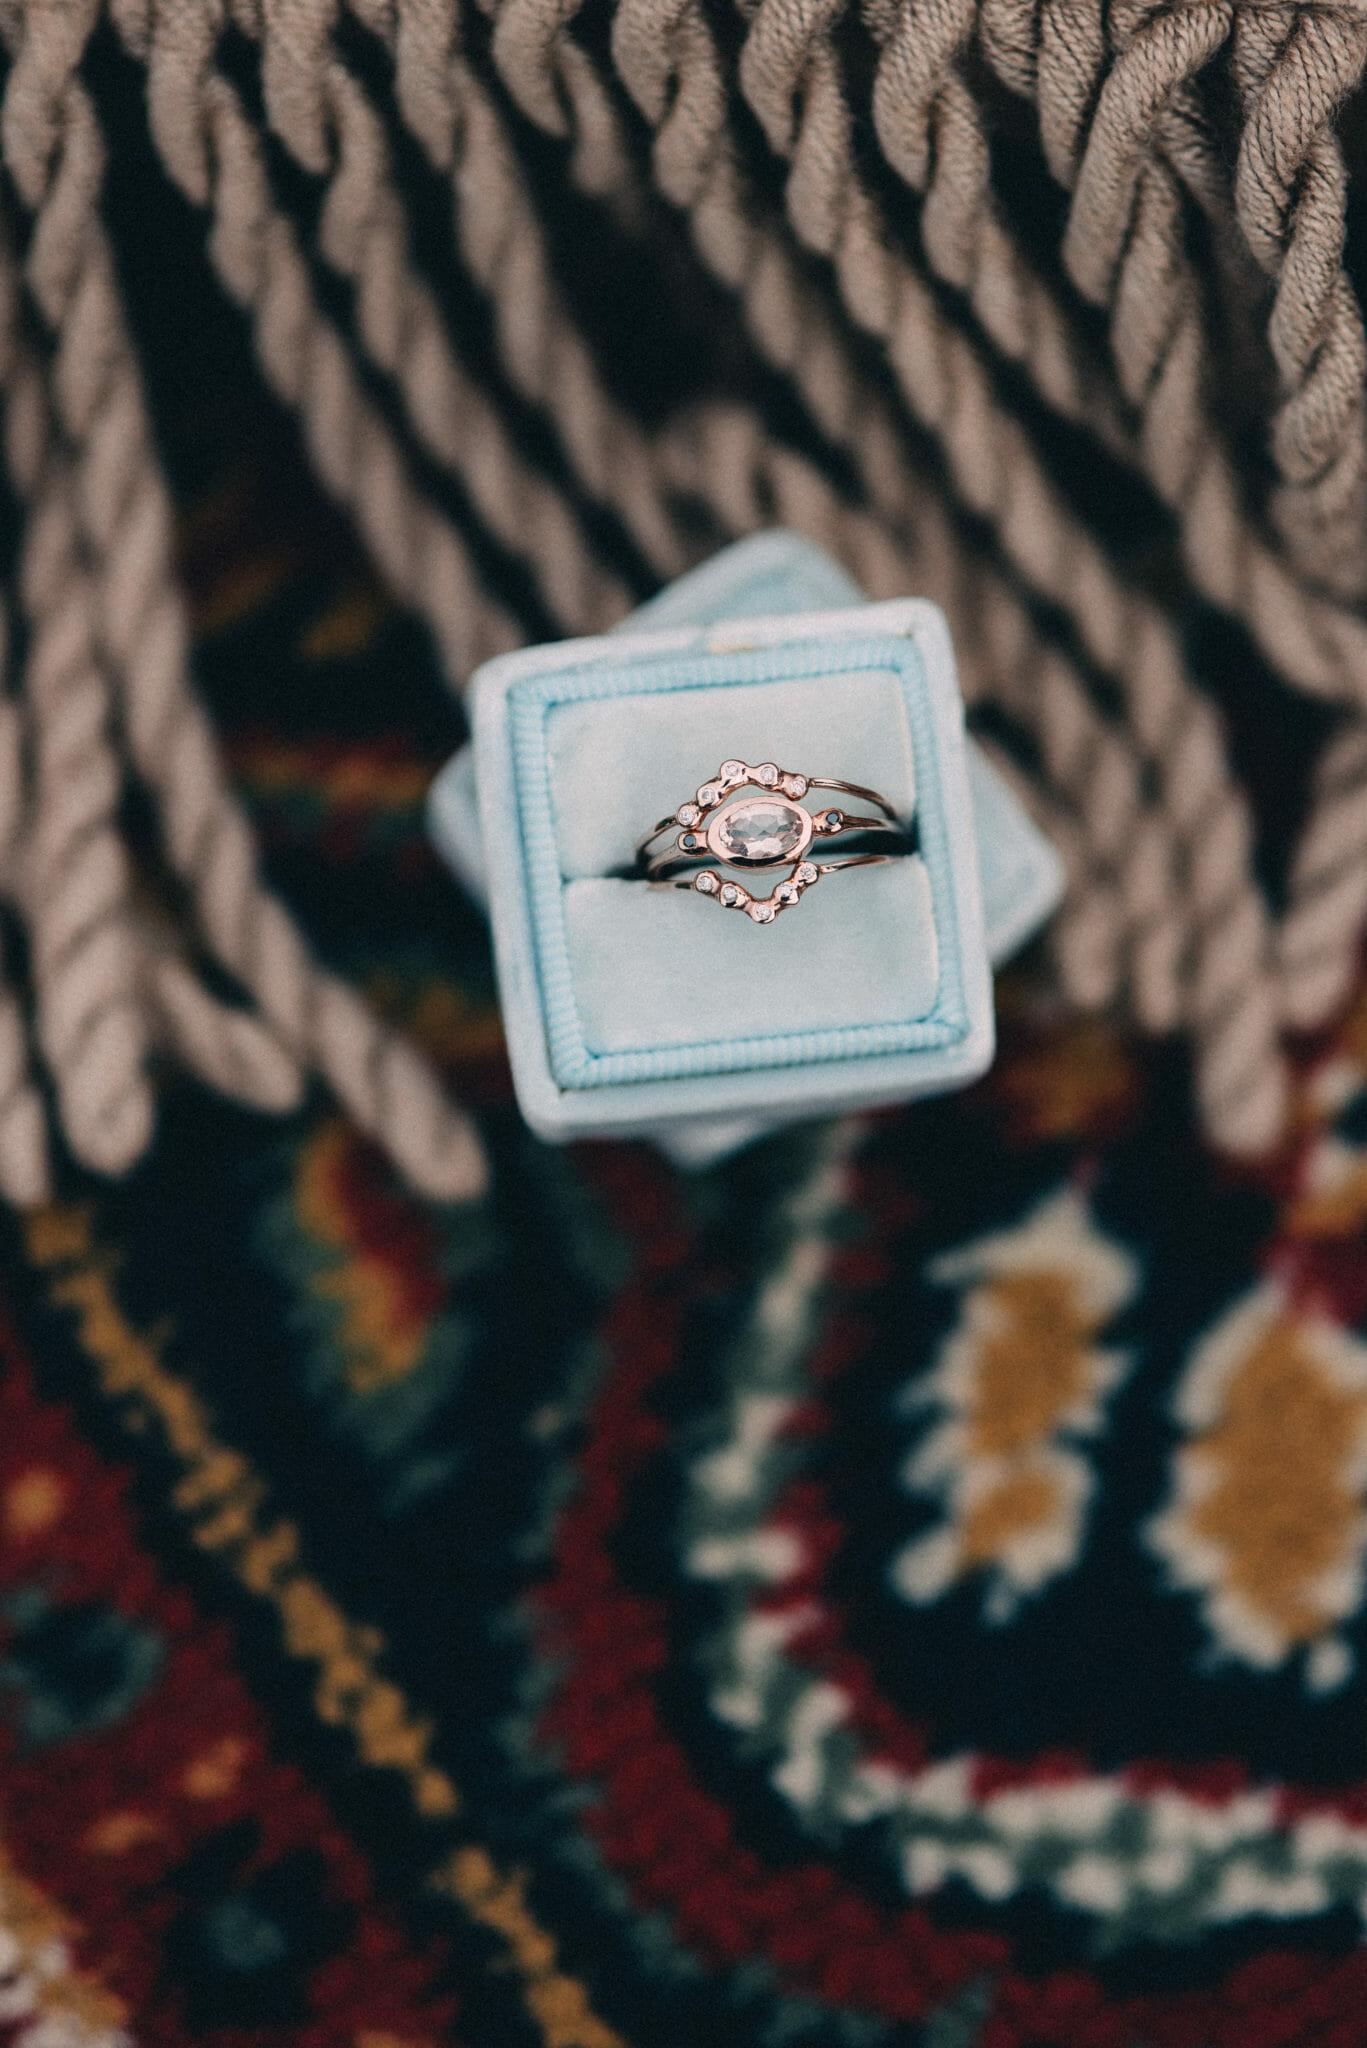 Handmade nature inspired ring